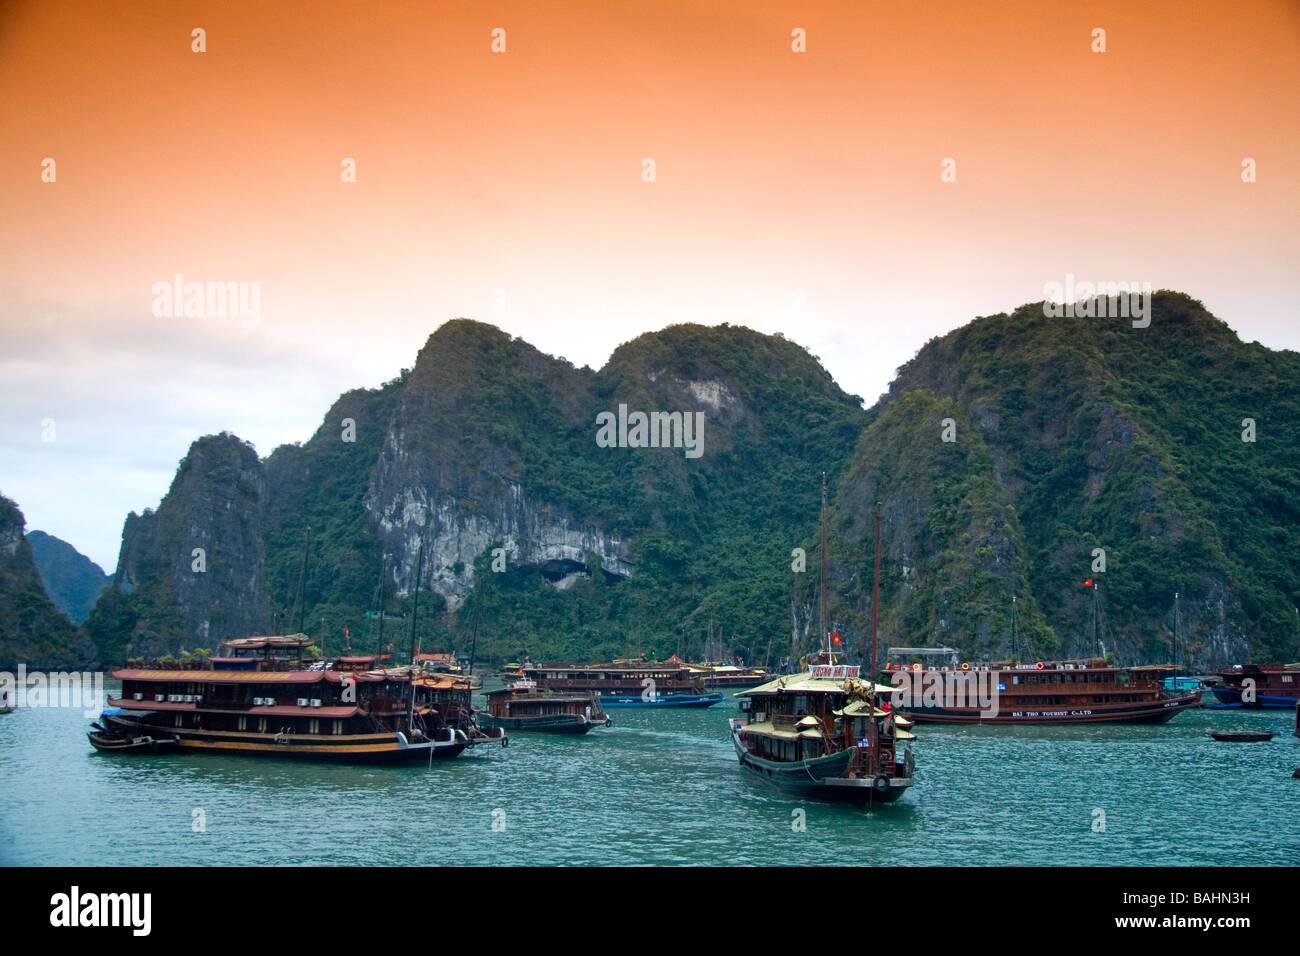 Vue panoramique de karsts calcaires et bateaux de touristes dans la baie de Ha Long Vietnam Photo Stock